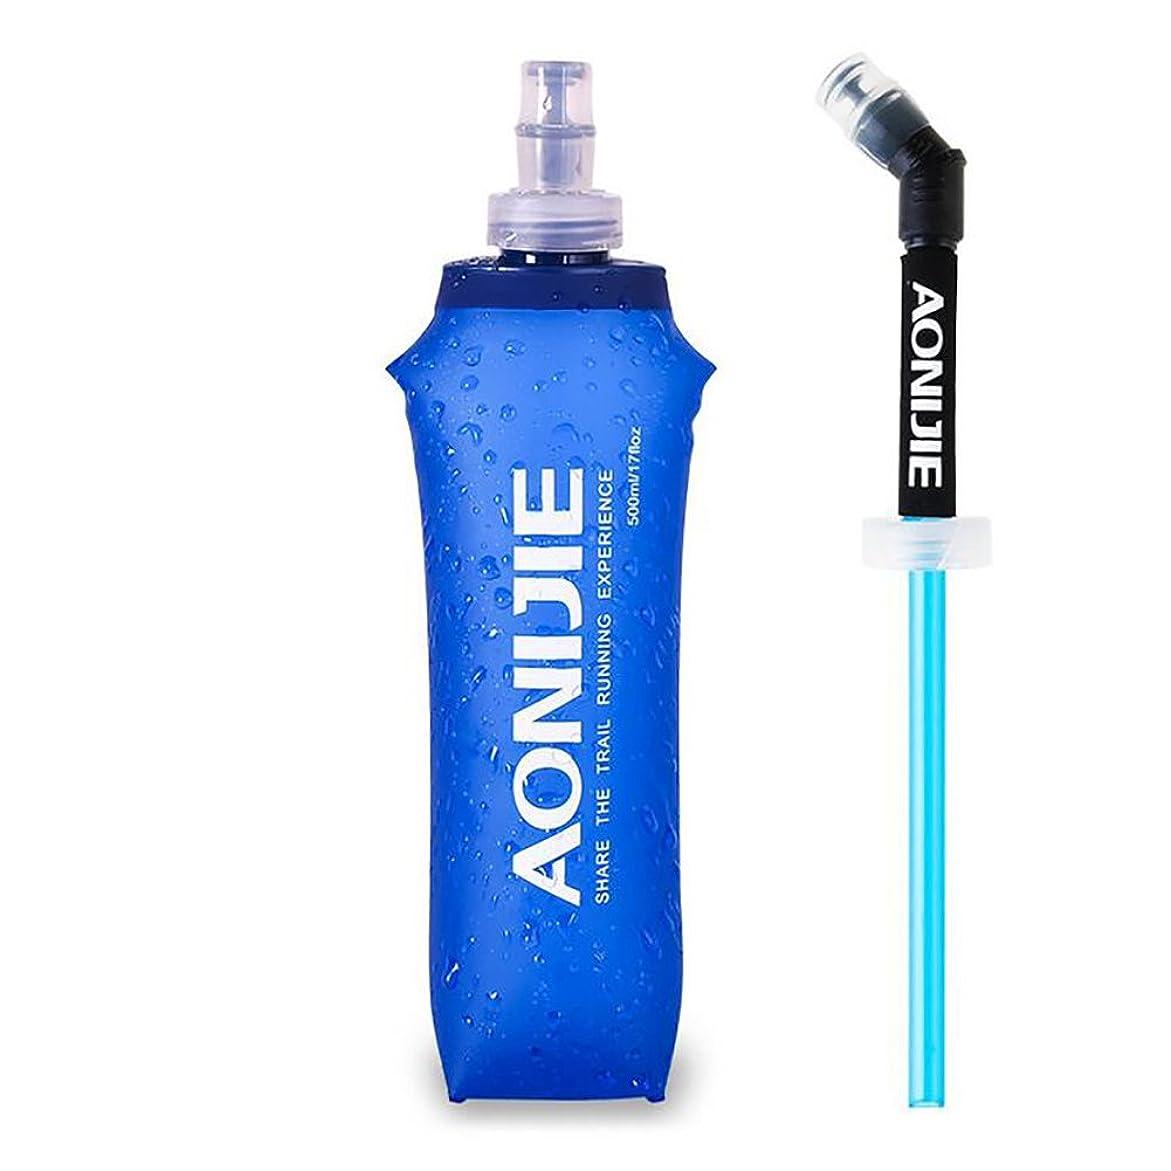 ポータブル炭素人種AONIJIE ハイドレーションパック 折りたたみ水筒 ハイドレーションチューブ付き シリコンボトル 携帯式ボトル アウトドア スポーツ ジョギング マラソン サイクリング?